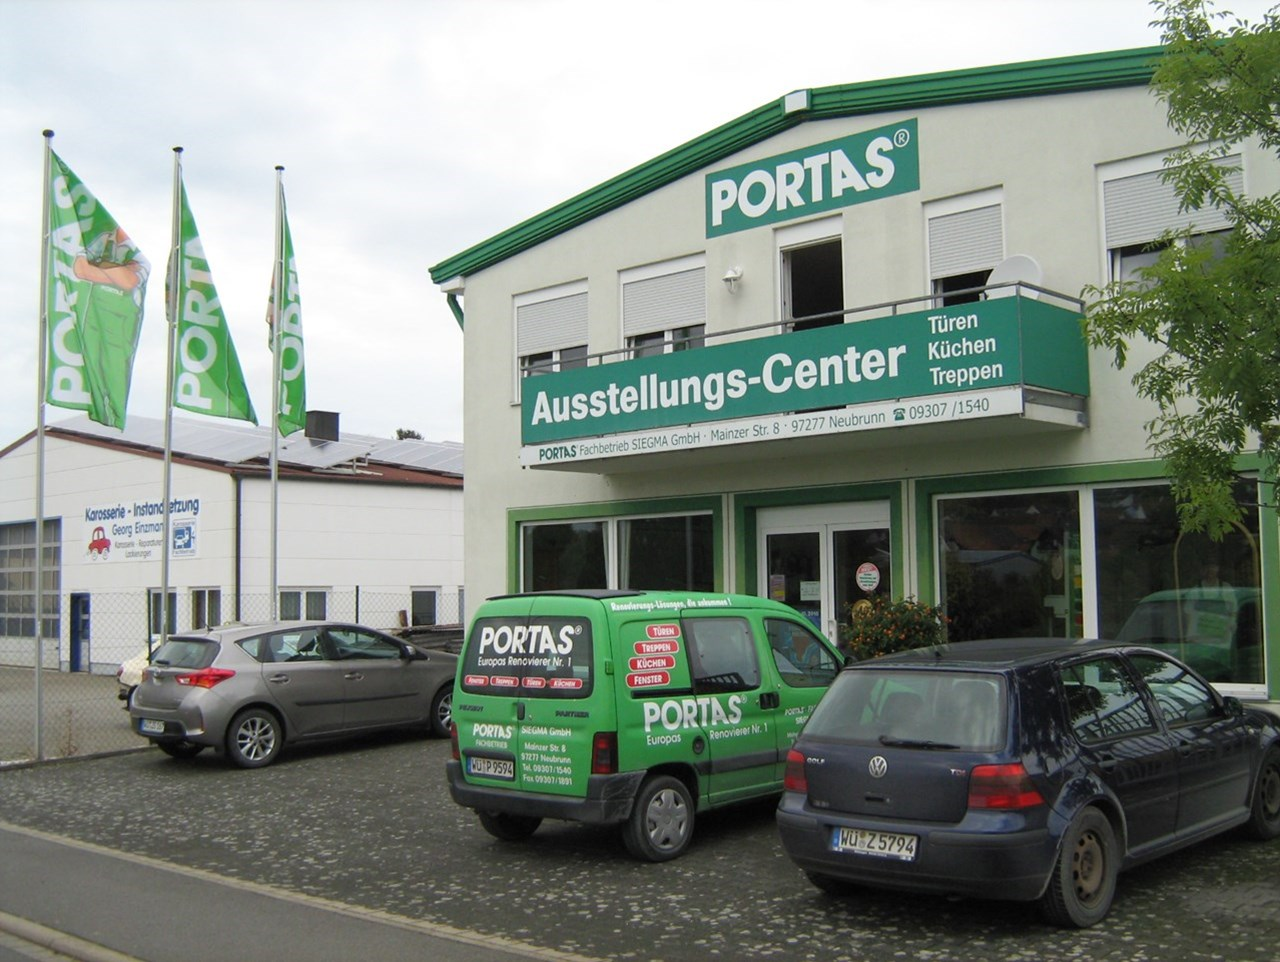 PORTAS-Fachbetrieb SIEGMA GmbH